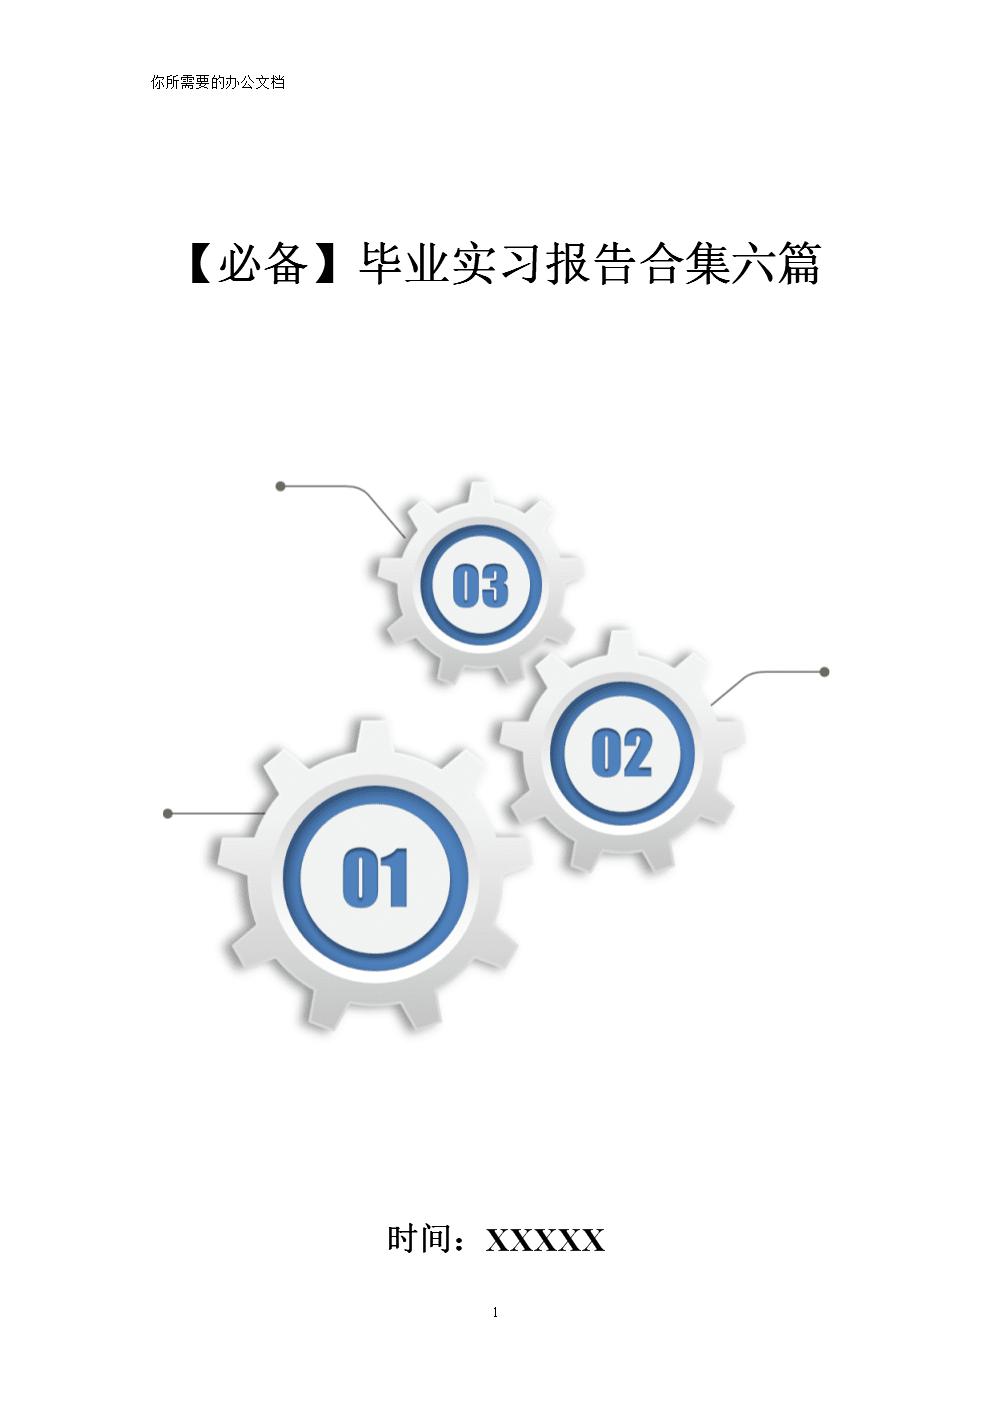 【必备】毕业实习报告合集六篇精编.doc